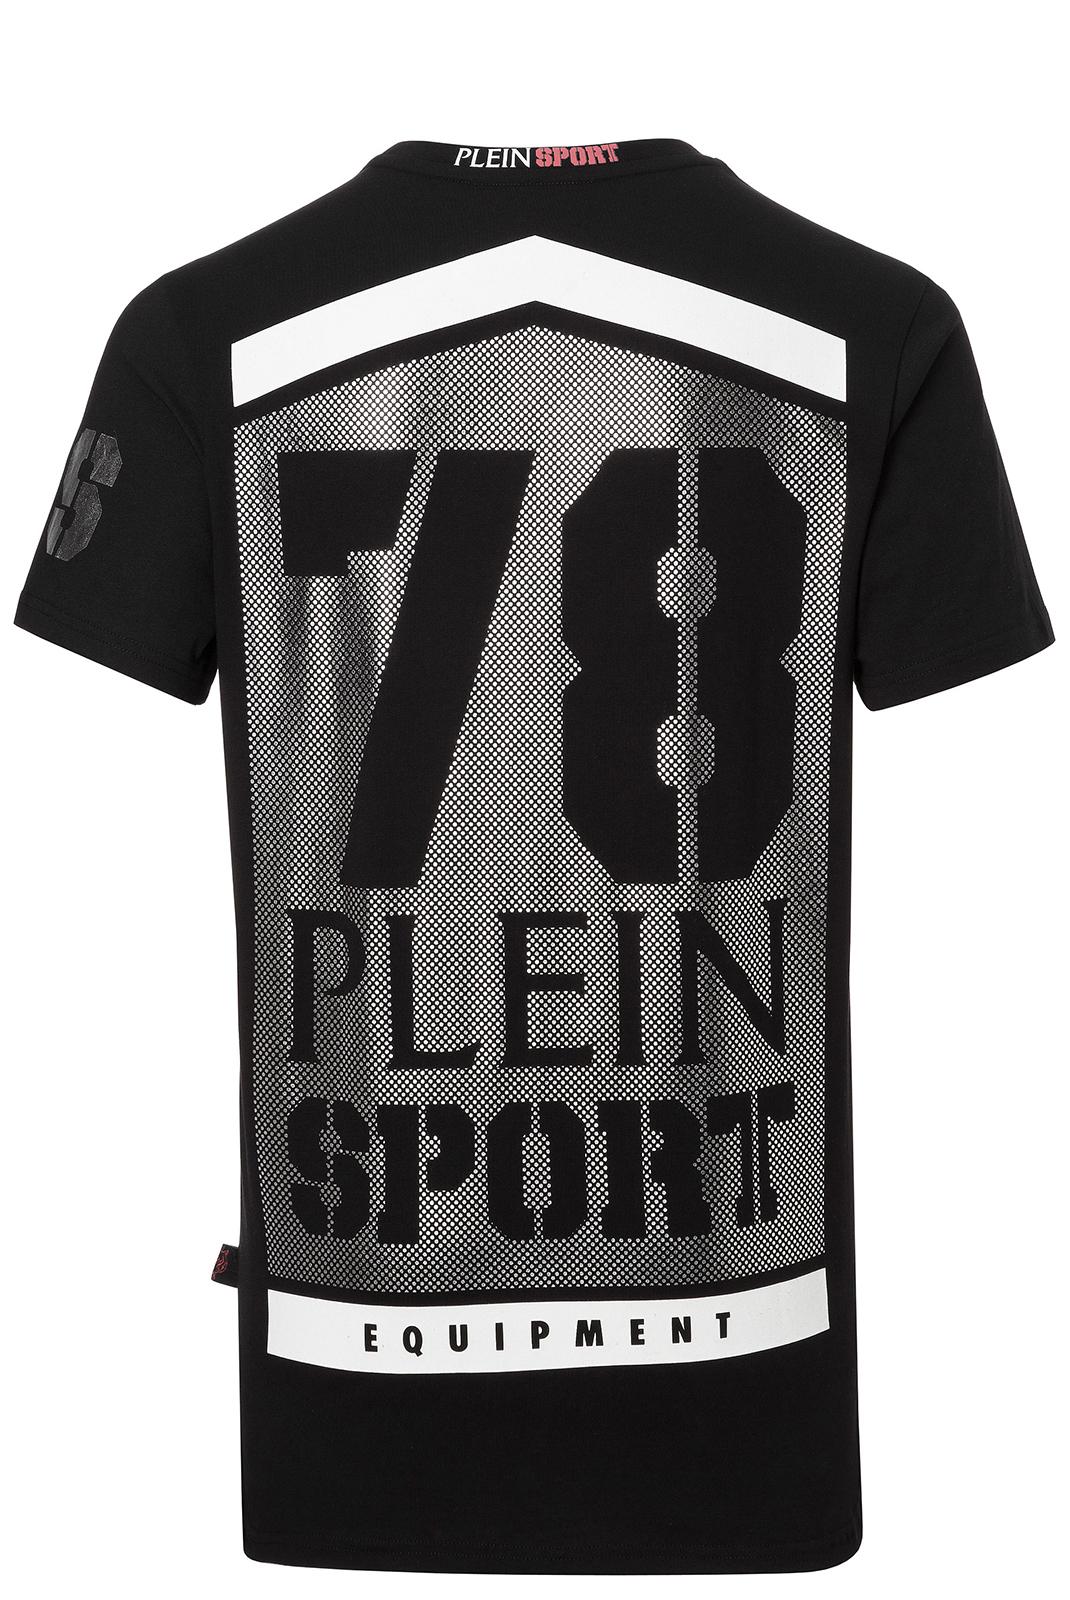 T-S manches courtes  Plein Sport F17C MTK0779 02 BLACK